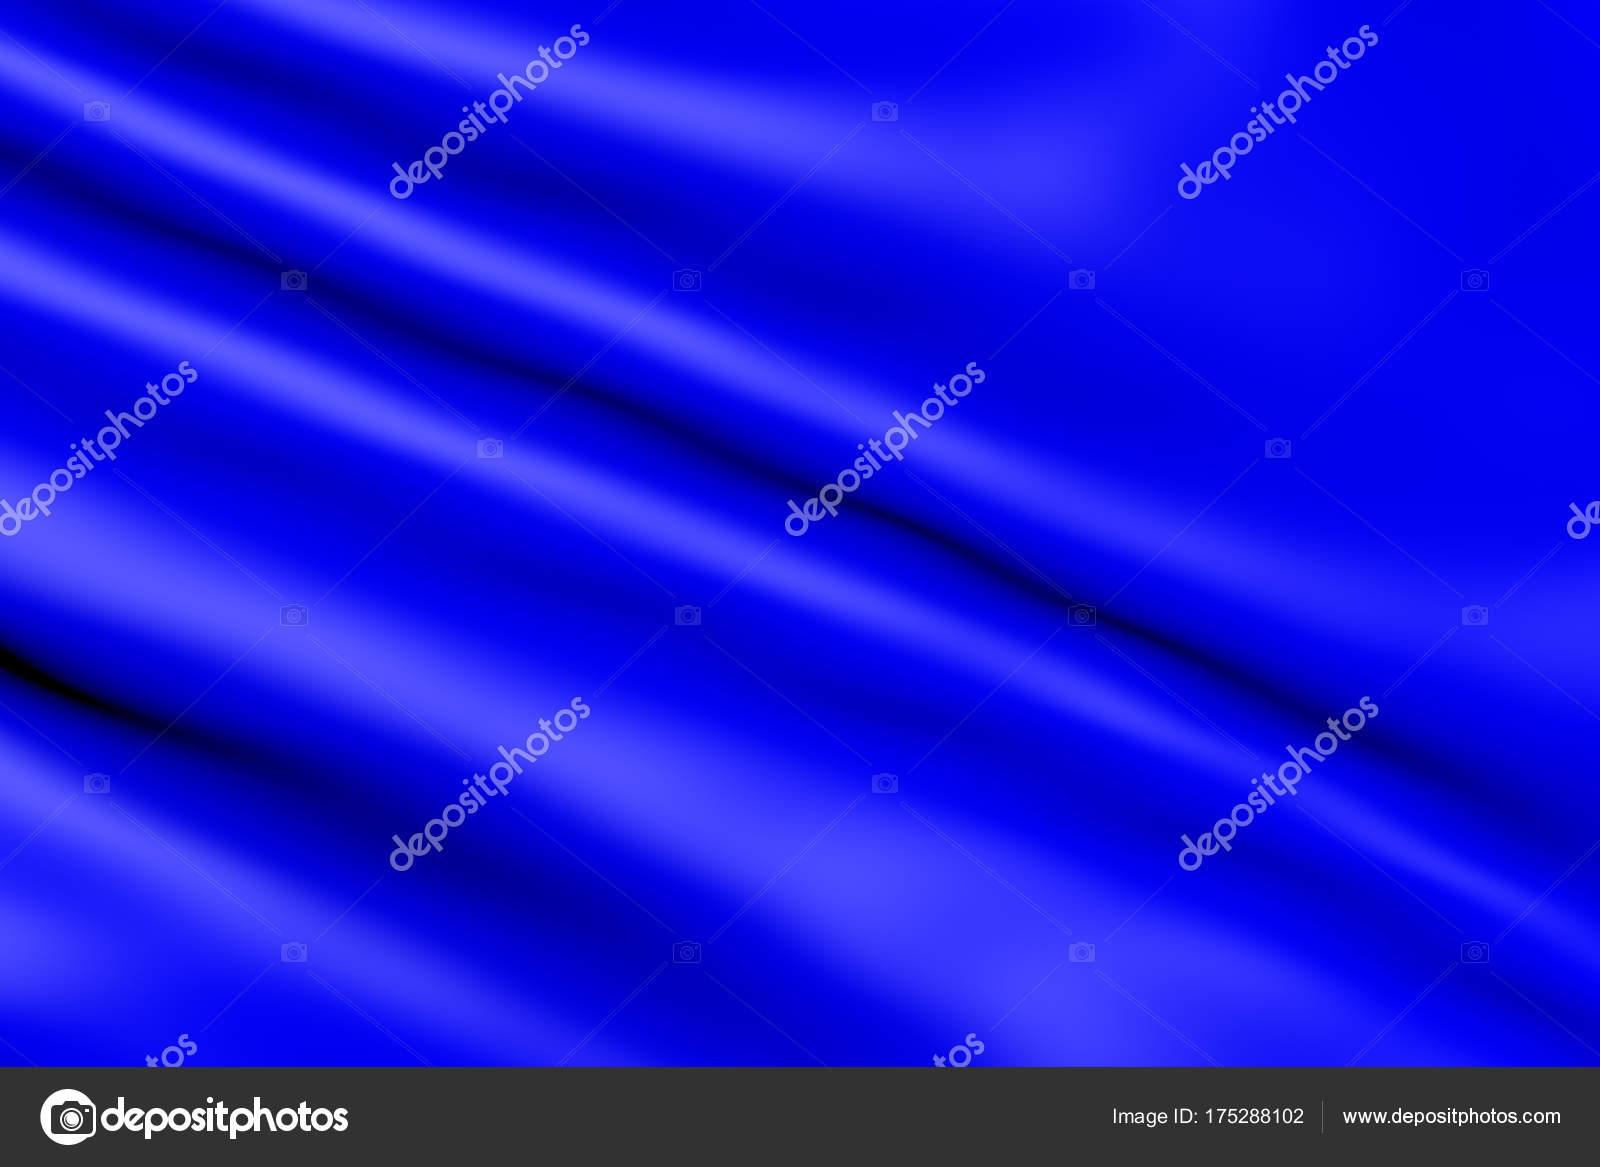 Cor Azul Marinho Brilhante Ondulado Têxteis Resumo Cetim Animado Movimento  — Fotografia de Stock 2b7978954c207